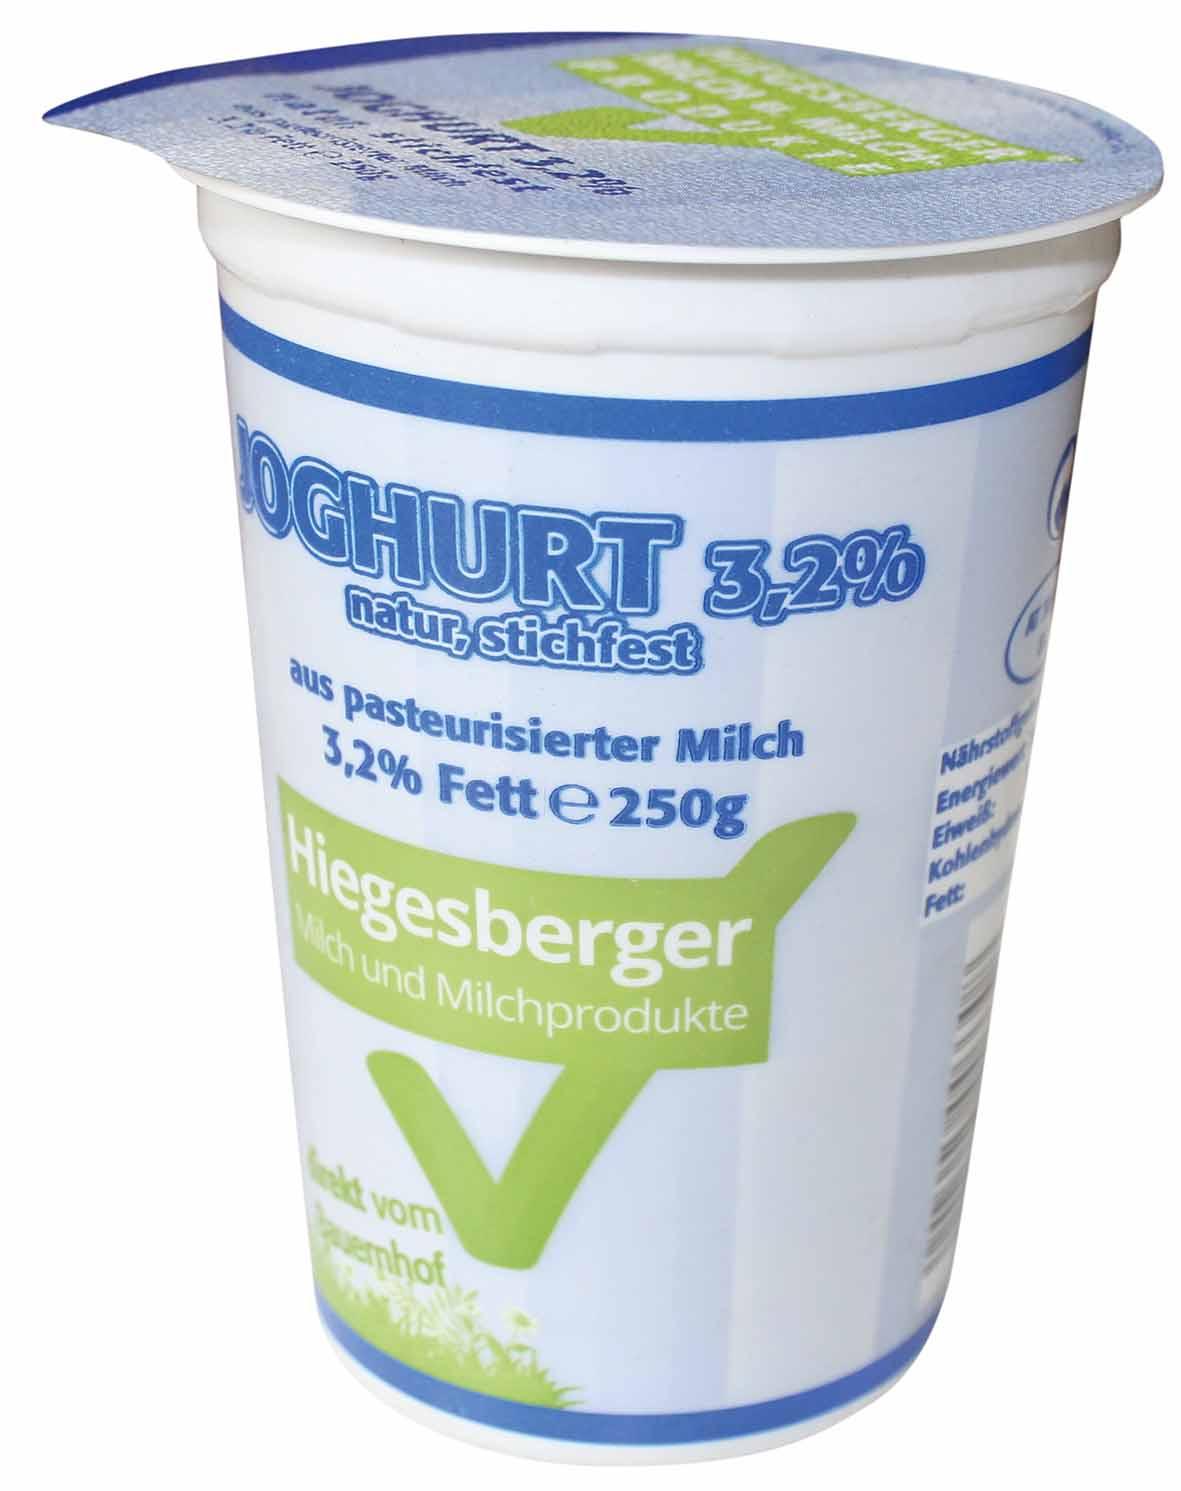 Hiegesberger_Joghurt_3,2%_Fett_250g